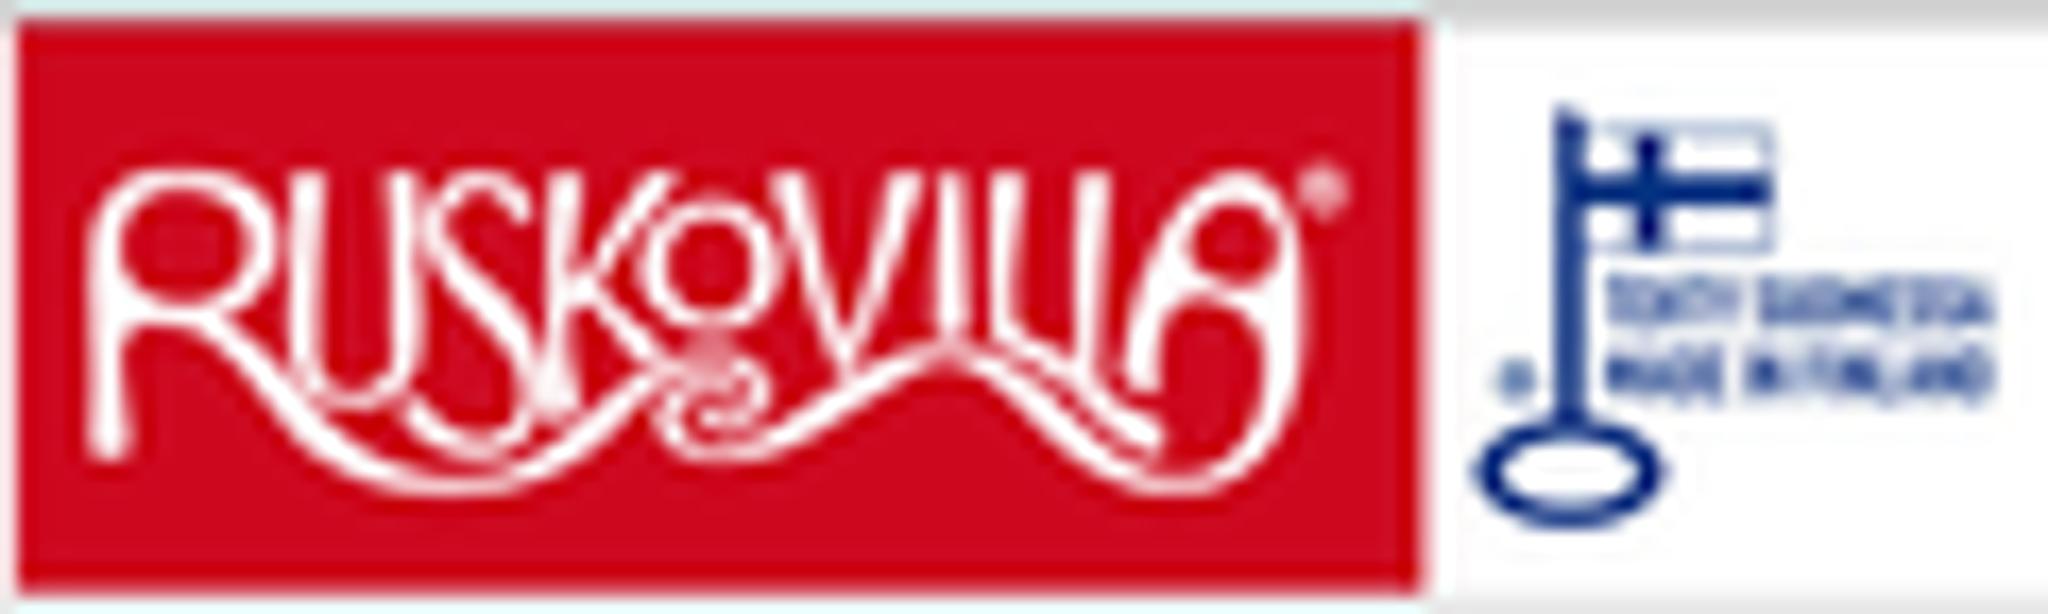 Ruskovilla